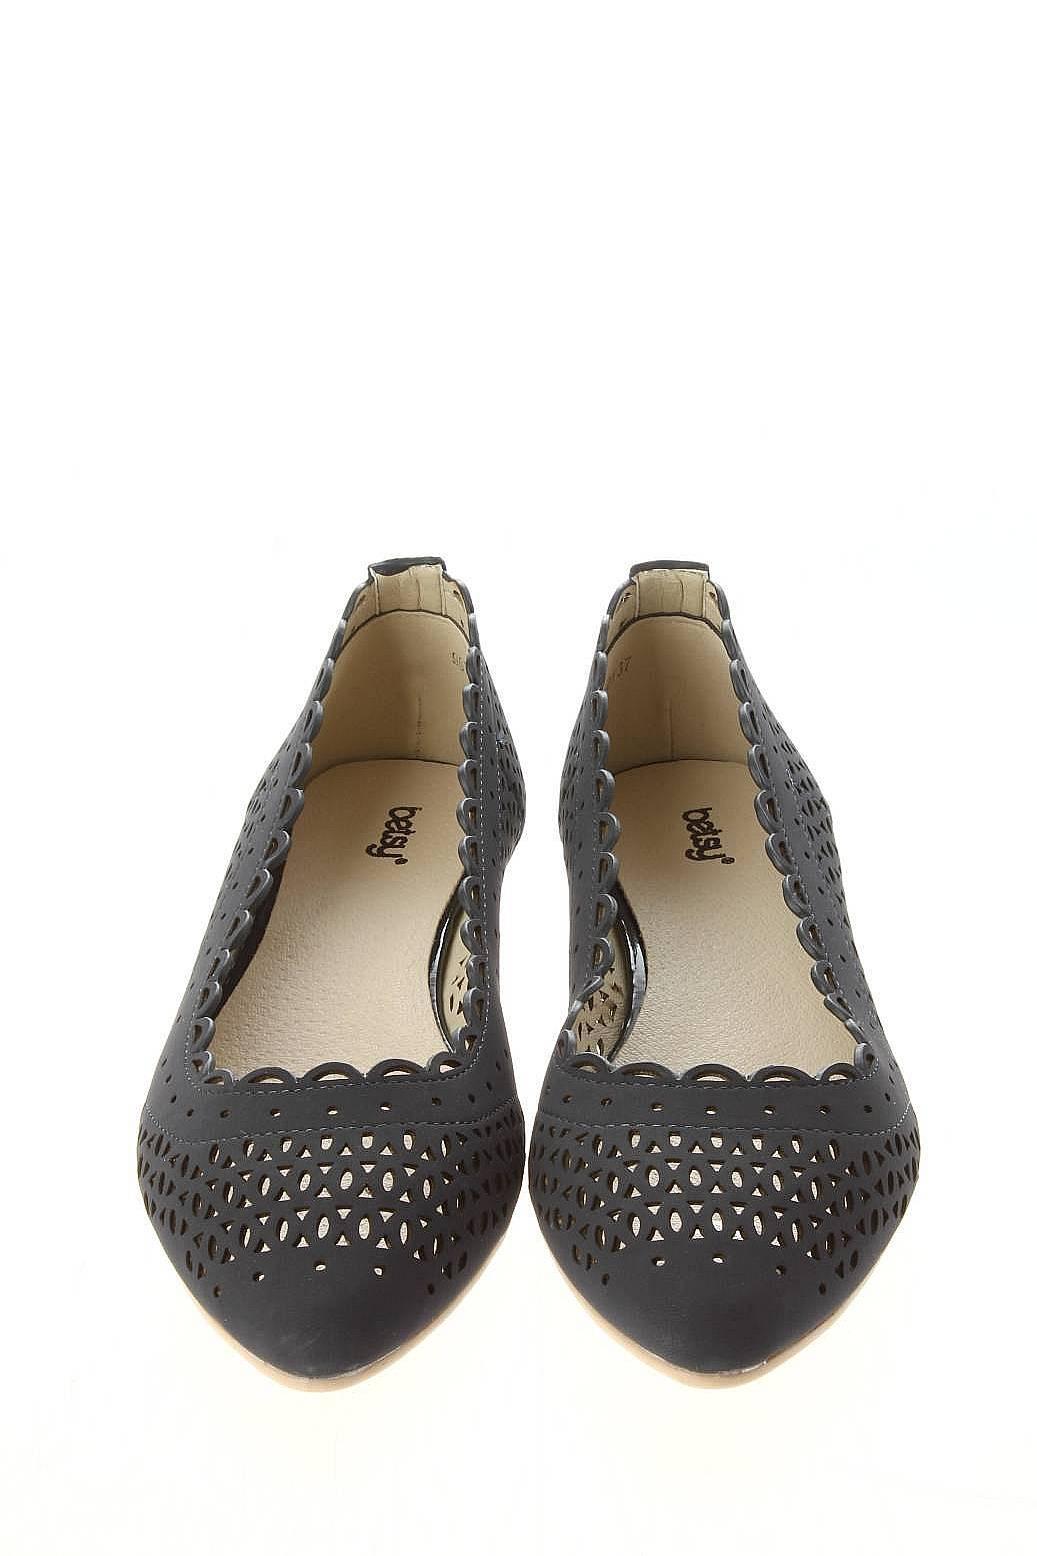 Мужская Обувь Детская Обувь Женская Обувь Балетки: BETSY Обувь